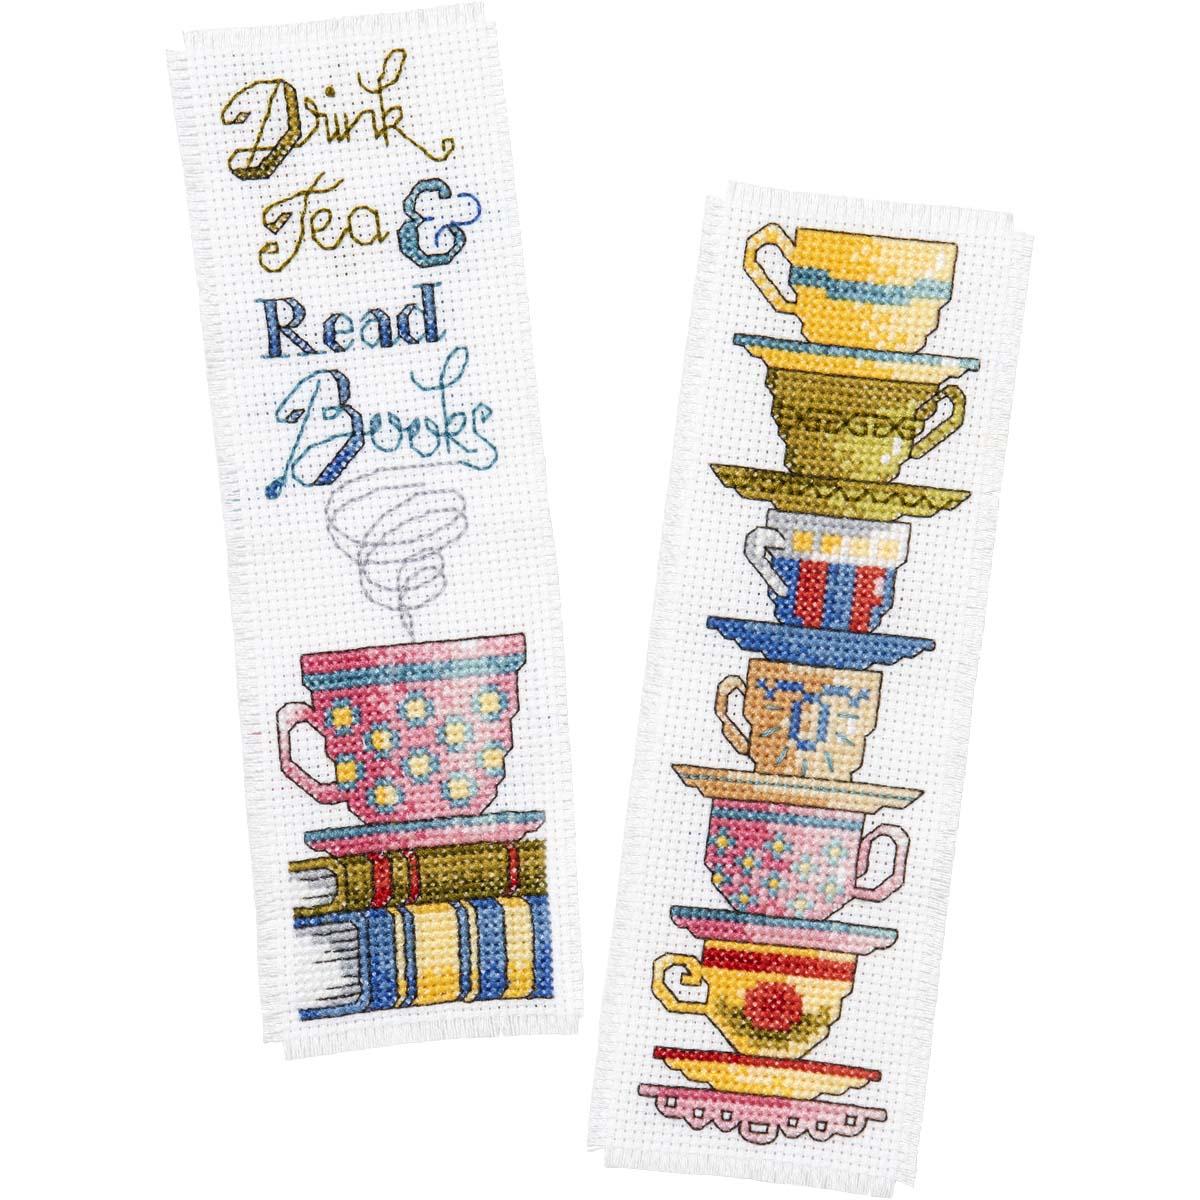 Bucilla ® Counted Cross Stitch - Bookmarks - Drink Tea - 47921E